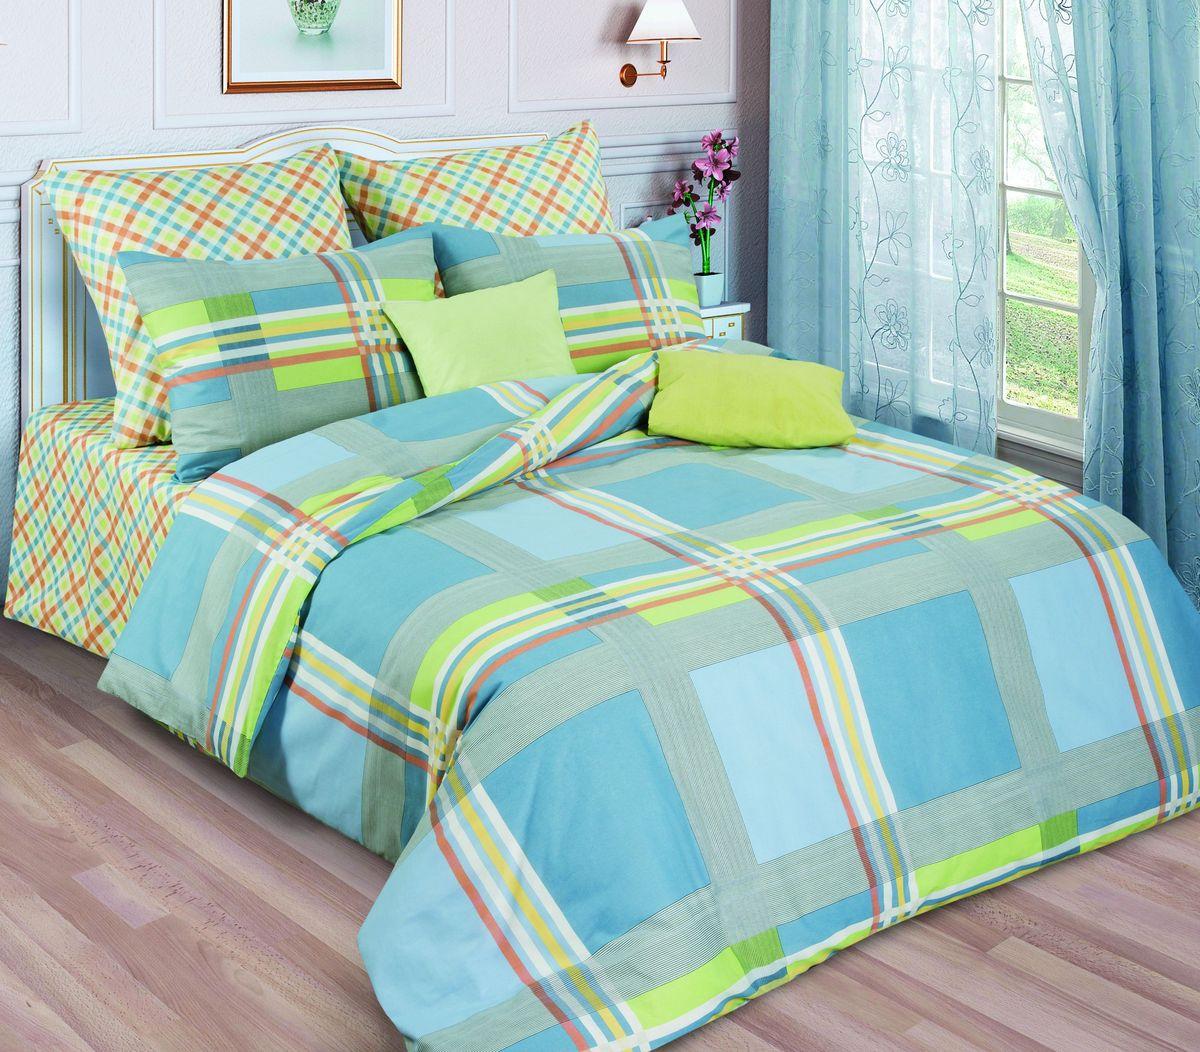 Комплект белья Диана La Vanille, 1,5-спальный, наволочки 70х70, цвет: зеленый, серый, голубой. С-644/2-143-150-70K100Комплект постельного белья Диана La Vanille состоит из пододеяльника, простыни и двух наволочек. Белье бесшовное, оформлено оригинальным рисунком и имеет изысканный внешний вид. Изготовлено из бязи люкс (100% хлопка).Бязь - это ткань из экологически чистого и натурального 100% хлопка. Неоспоримым плюсом белья из такой ткани является мягкость и легкость, она прекрасно пропускает воздух, приятна на ощупь, не образует катышков на поверхности и за ней легко ухаживать. При соблюдении рекомендаций по уходу это белье выдерживает много стирок, не линяет и не теряет свою первоначальную прочность. Уникальная ткань обеспечивает легкую глажку.Приобретая комплект постельного белья Диана La Vanille, вы можете быть уверенны в том, что покупка доставит вам и вашим близким удовольствие и подарит максимальный комфорт.